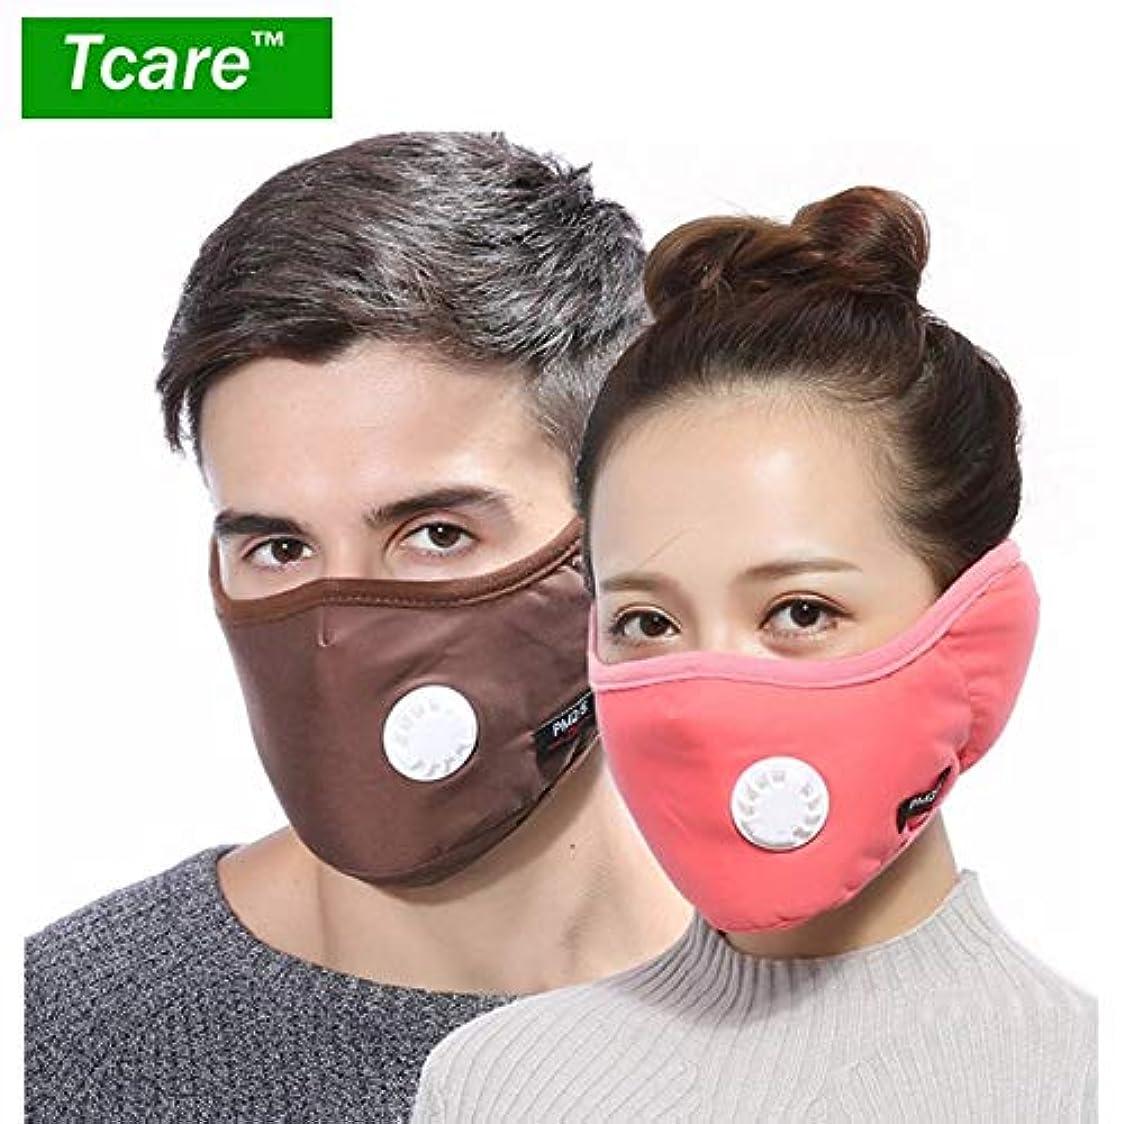 地域誓う壮大な6 Waternレッド:1 PM2.5マスクバルブコットンアンチダスト口マスクの冬のイヤーマフActtedフィルター付マスクでTcare 2